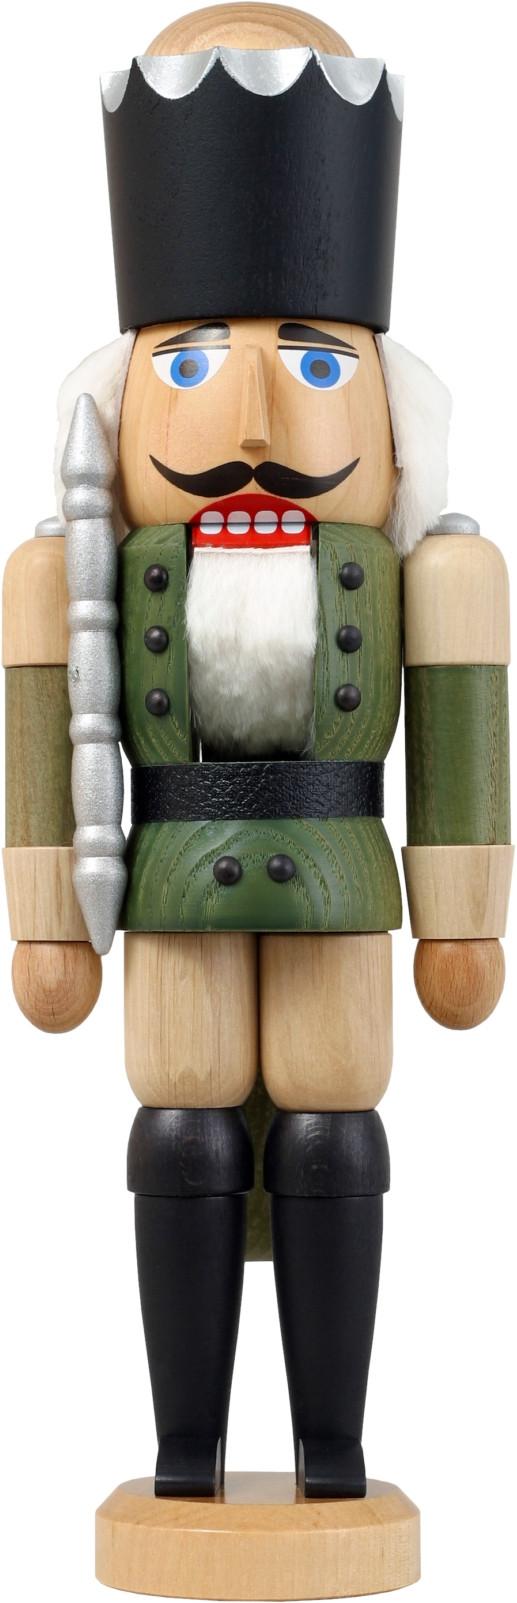 Grune Farbe Html :  Seiffener Volkskunst Nussknacker König Esche lasiert grüne Farbe